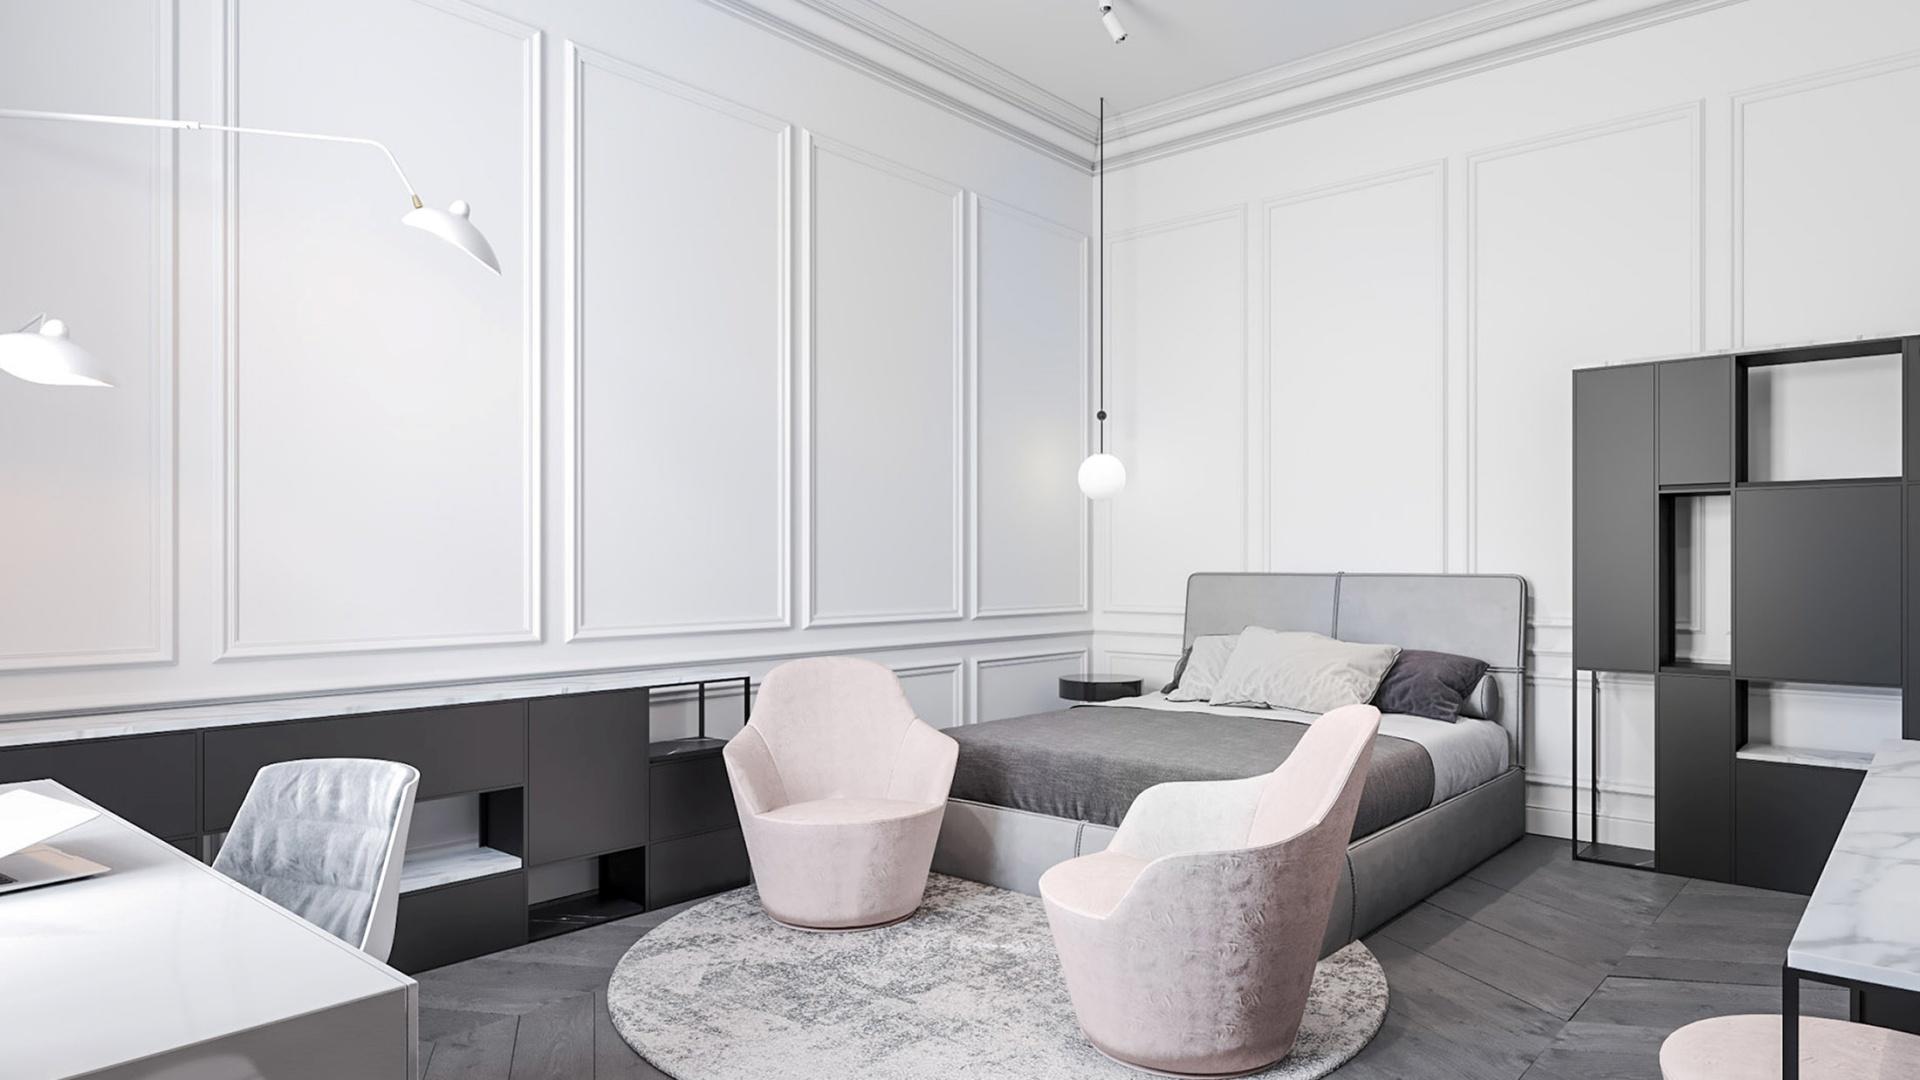 Projekt wnętrz apartamentu w Warszawie projektu architekta Marcina Tomaszewskiego REFORM-Architekt